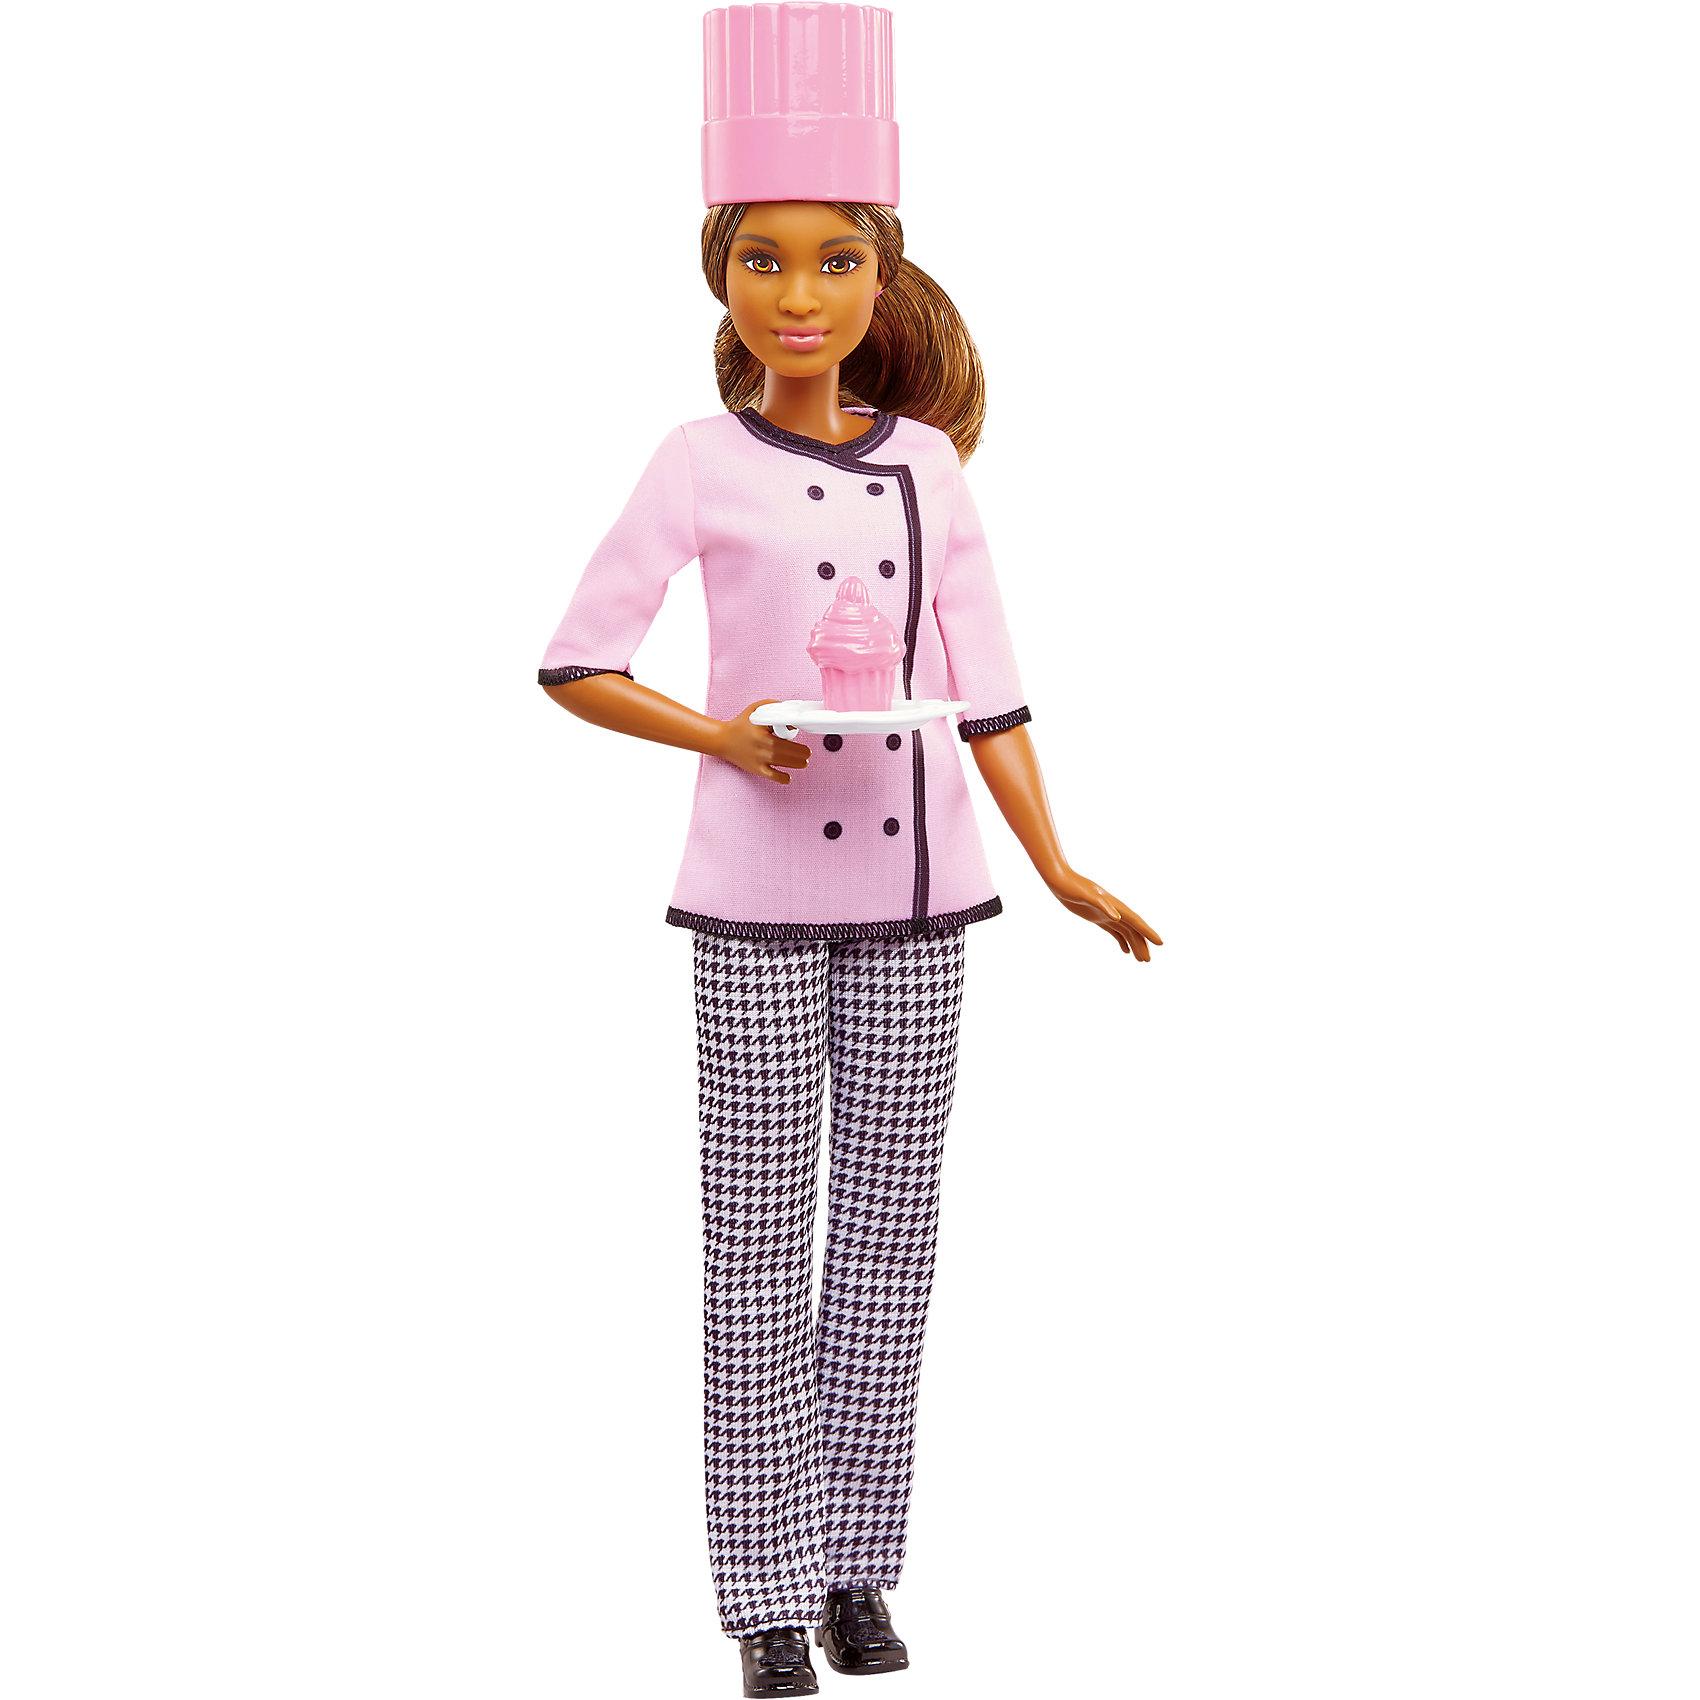 Кукла Barbie из серии «Кем быть?», КондитерКуклы-модели<br>Характеристики товара:<br><br>• возраст от 3 лет;<br>• материал: пластик, текстиль;<br>• высота куклы 29 см;<br>• размер упаковки 32,5х11,5х5,5 см;<br>• вес упаковки 300 гр.;<br>• страна производитель: Китай.<br><br>Кукла Кондитер «Кем быть?» Barbie относится к серии кукол, которые представляют разнообразные профессии. Кукла одета в костюм кондитера с колпаком на голове, она готовит самые вкусные сладости, торты и кексы. С ней девочка может не только придумывать сценки и истории для игры, но и подумать, кем бы она хотела быть стать, когда вырастет.<br><br>Куклу Кондитер «Кем быть?» Barbie можно приобрести в нашем интернет-магазине.<br><br>Ширина мм: 326<br>Глубина мм: 116<br>Высота мм: 48<br>Вес г: 179<br>Возраст от месяцев: 36<br>Возраст до месяцев: 72<br>Пол: Женский<br>Возраст: Детский<br>SKU: 5089091